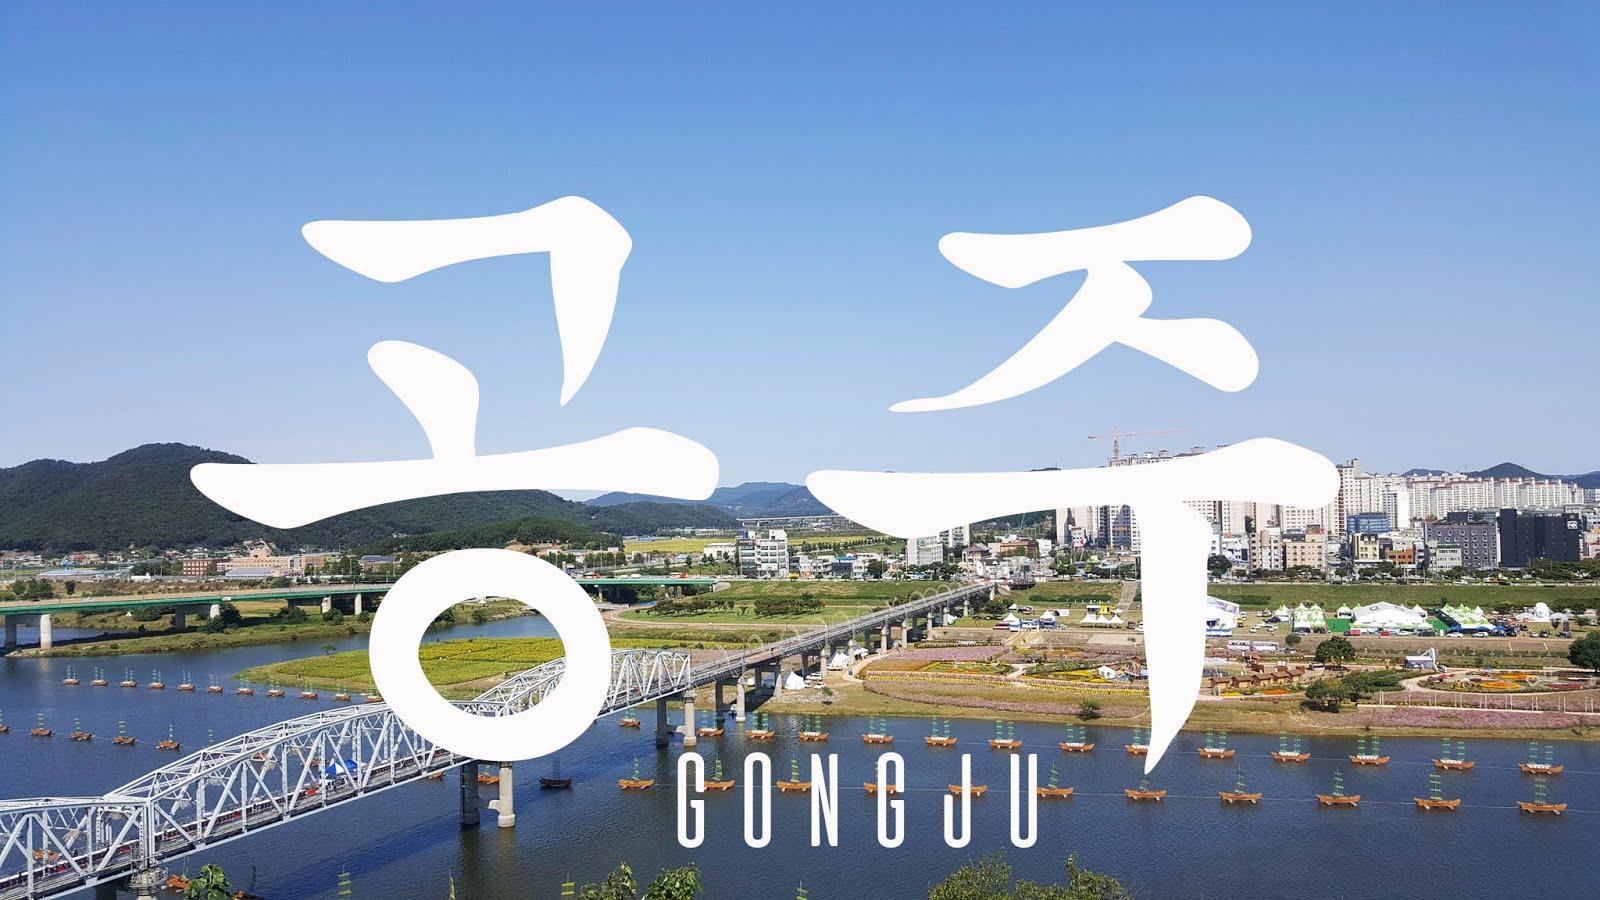 gongju itinerary